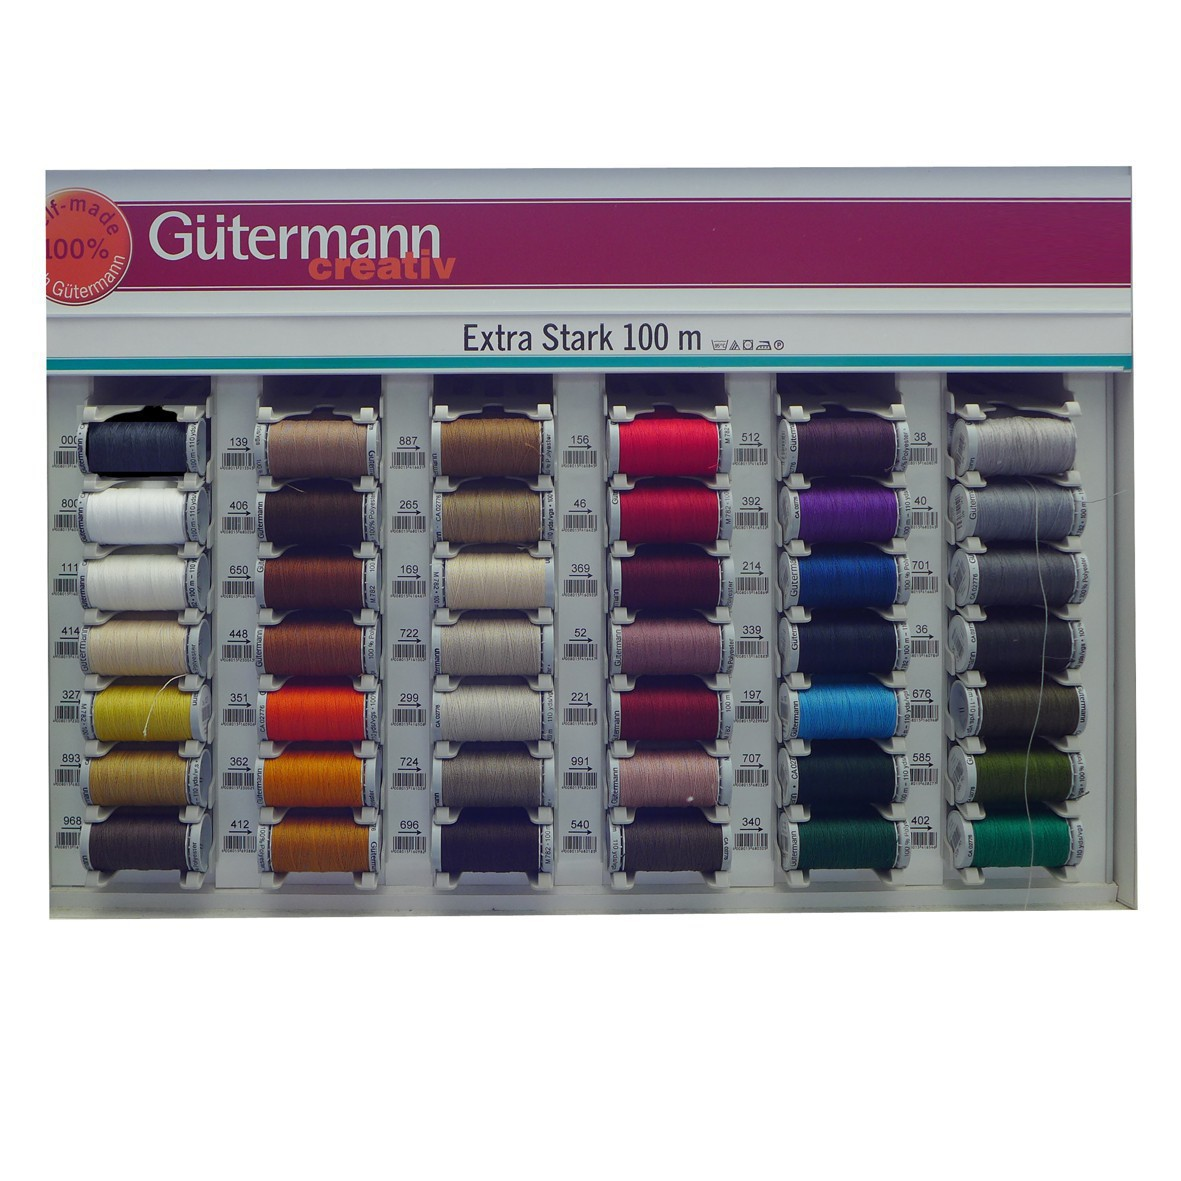 70 m x 12 Rollen mehrfarbig Polyester Einheitsgr/ö/ße Gutermann GUT/_702166-2 Stickgarn-Set